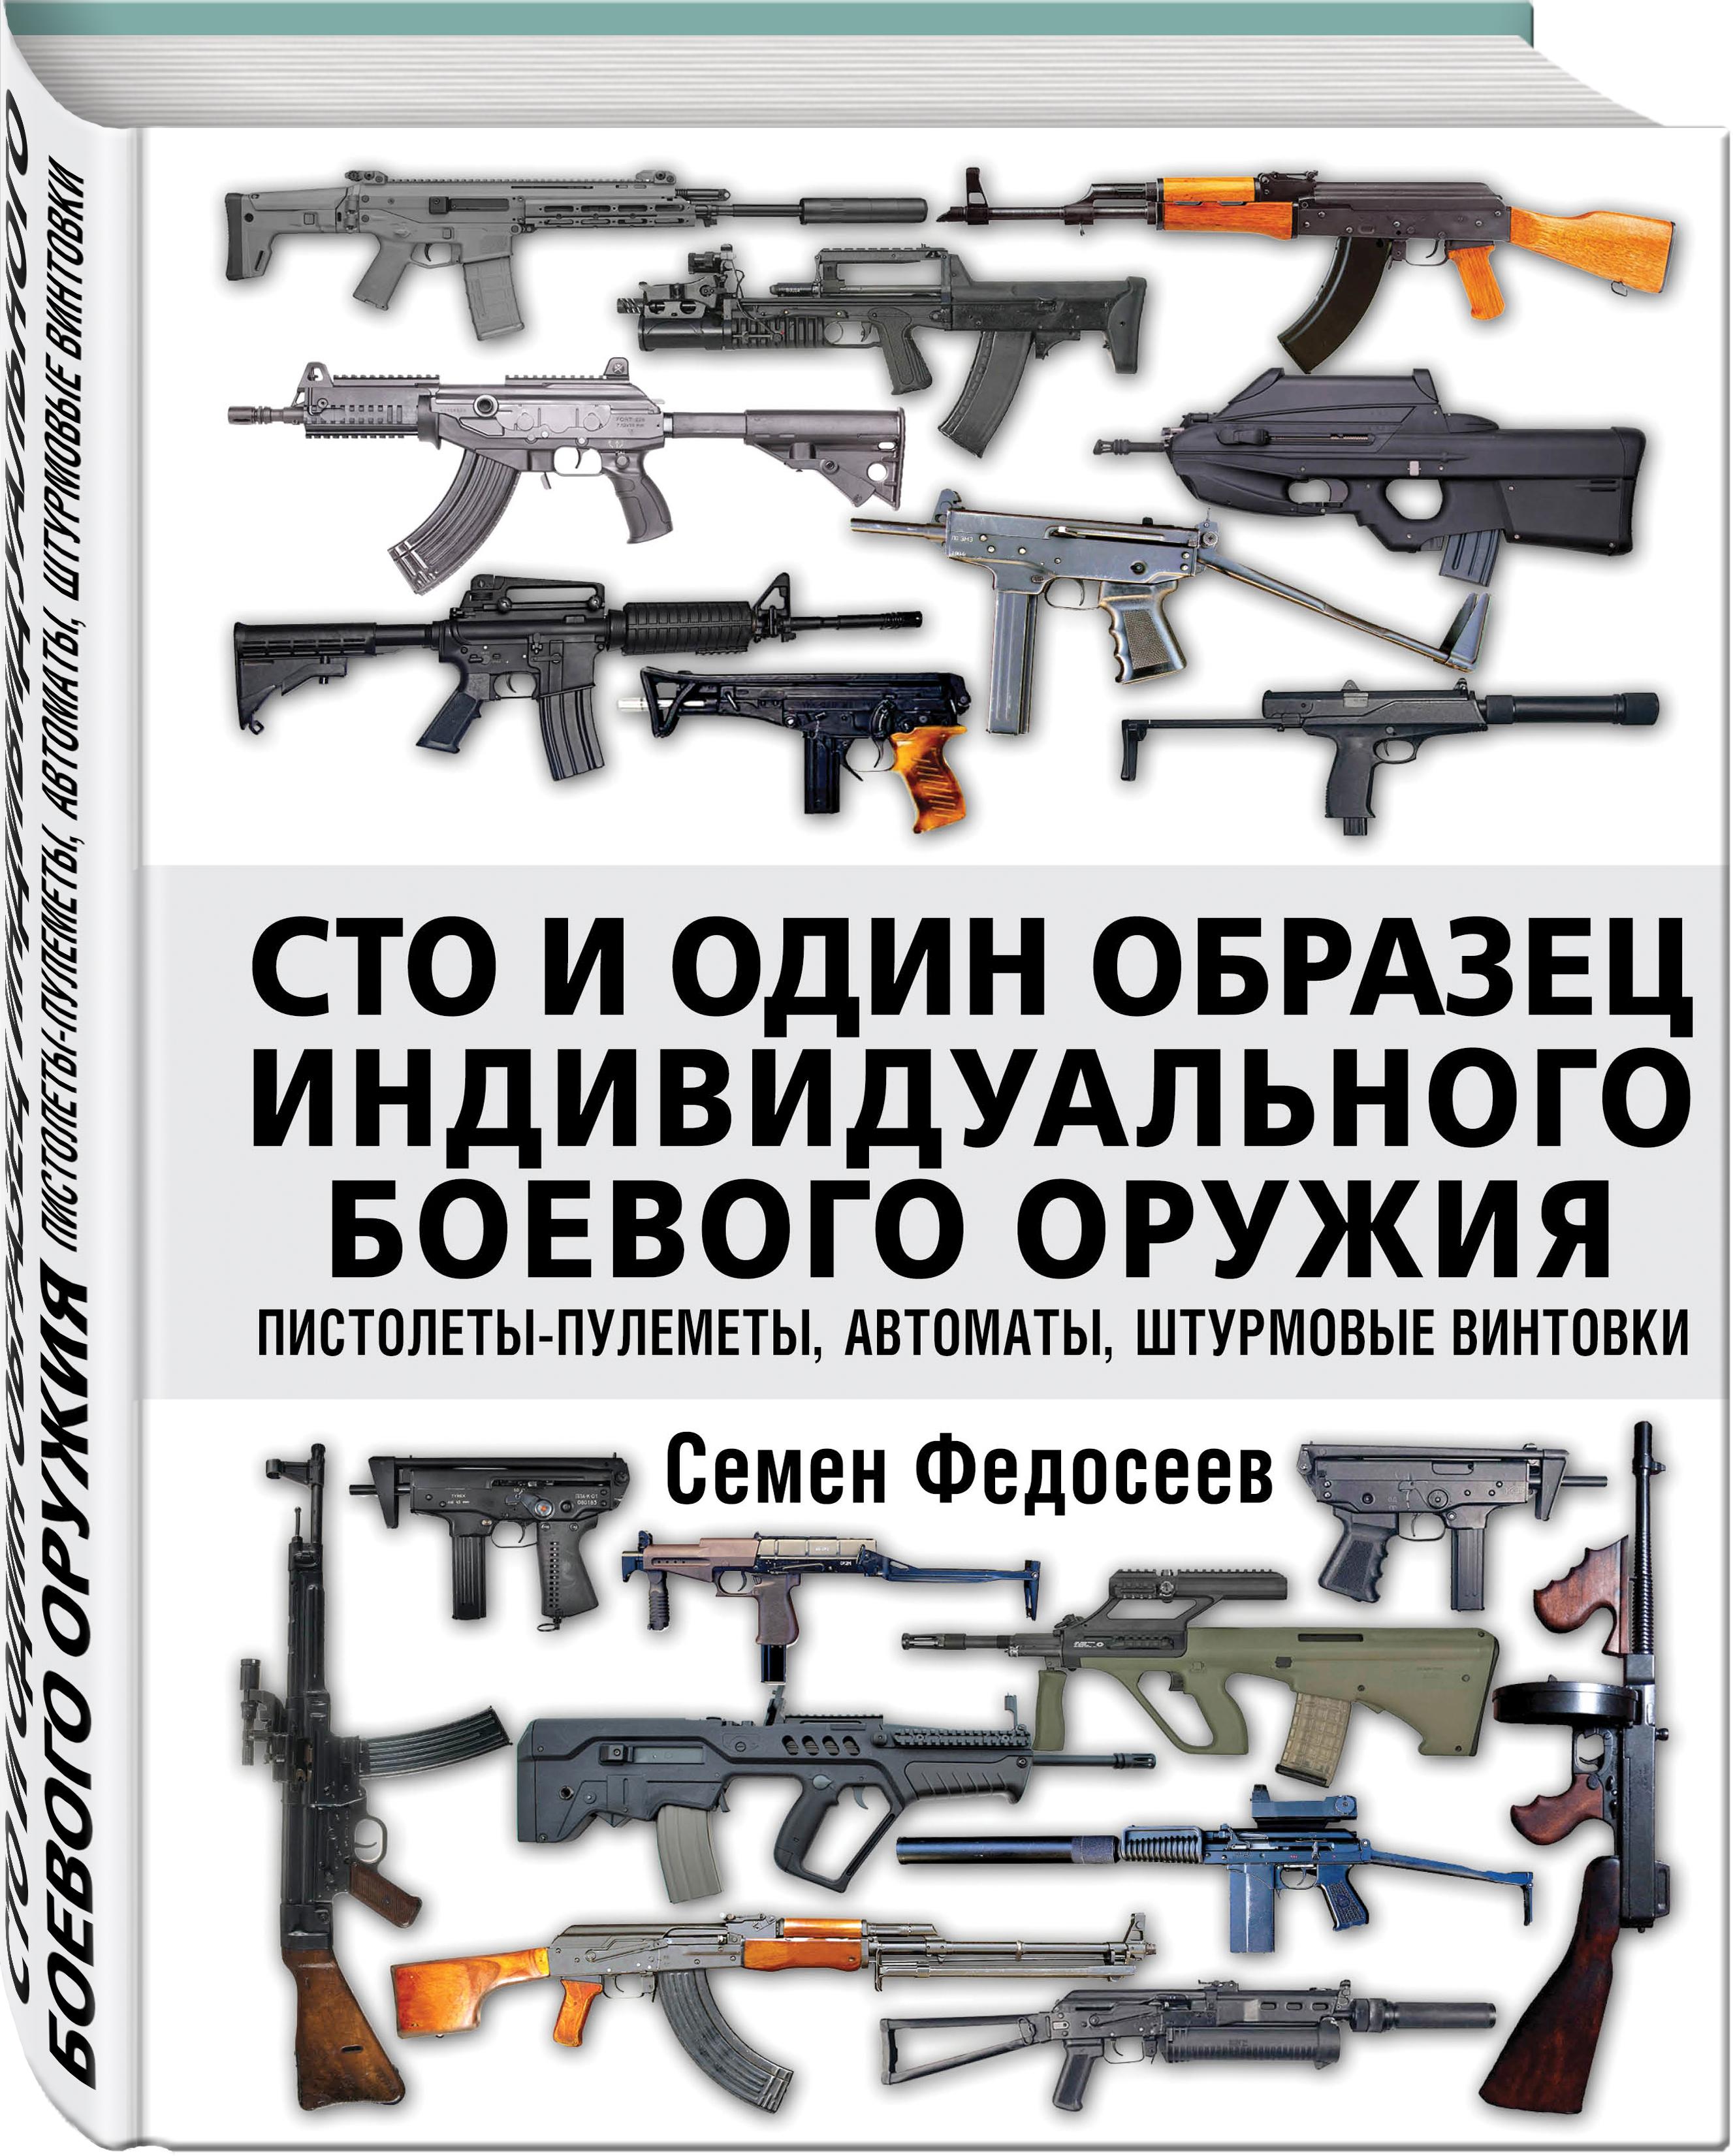 Федосеев С.Л. Сто и один образец индивидуального боевого оружия. Пистолеты-пулеметы, автоматы, штурмовые винтовки